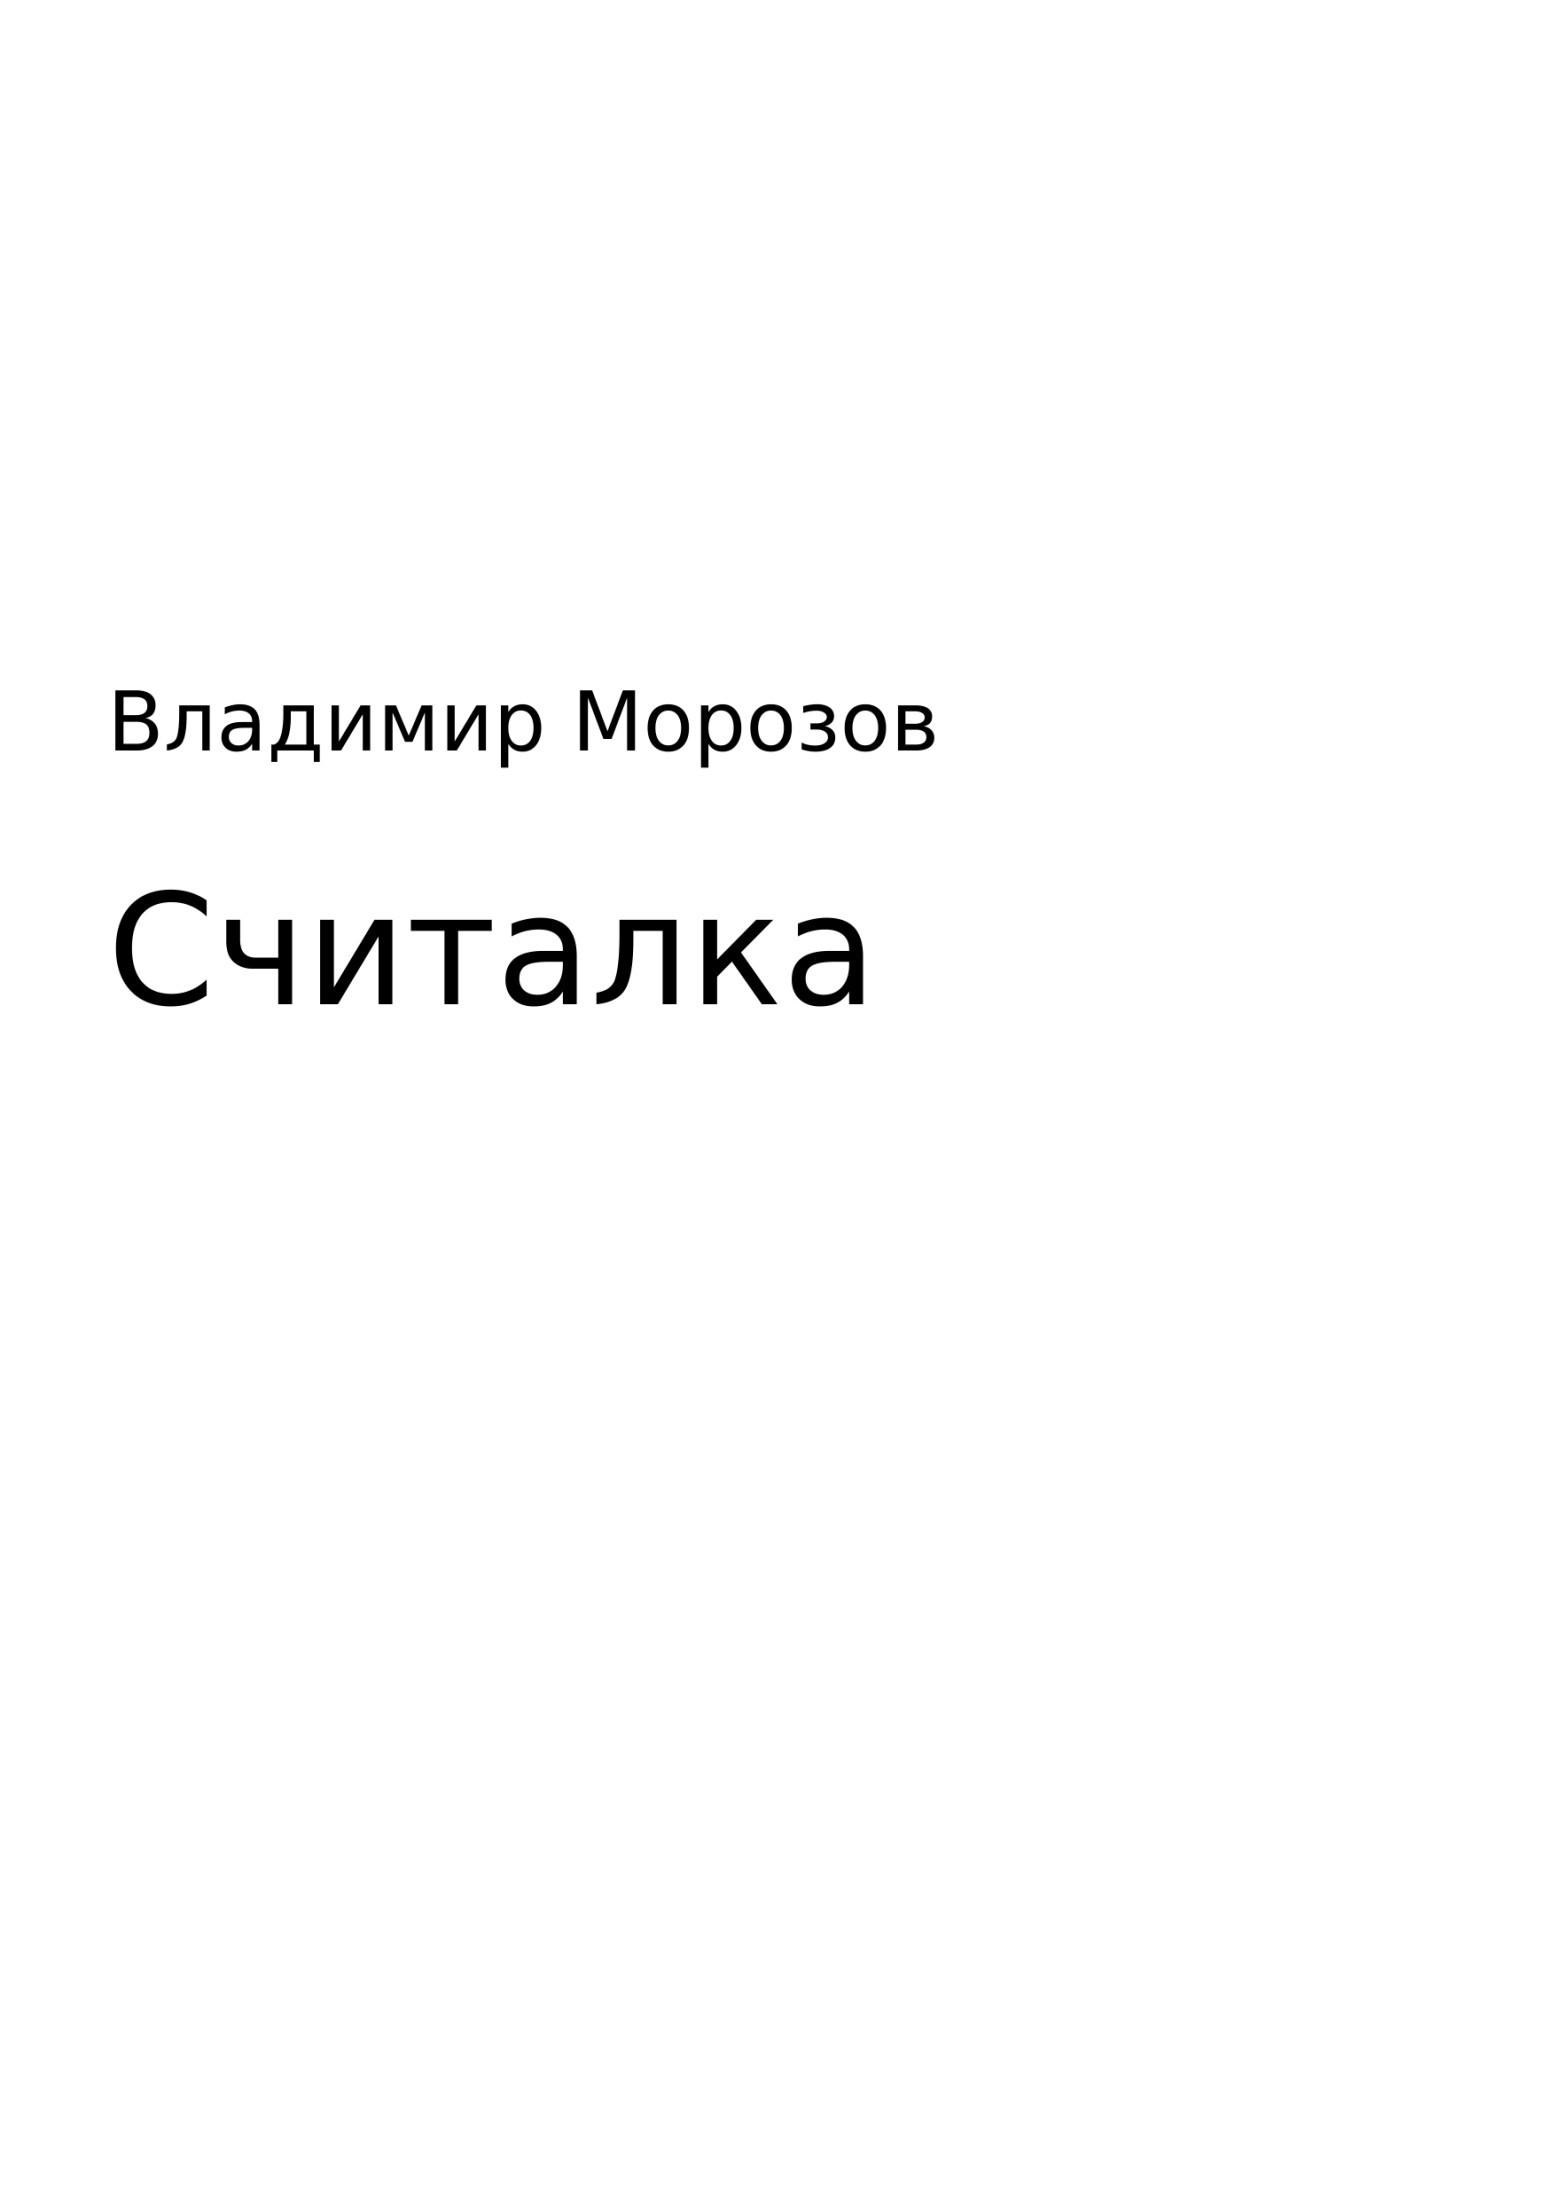 Владимир Морозов - Считалка